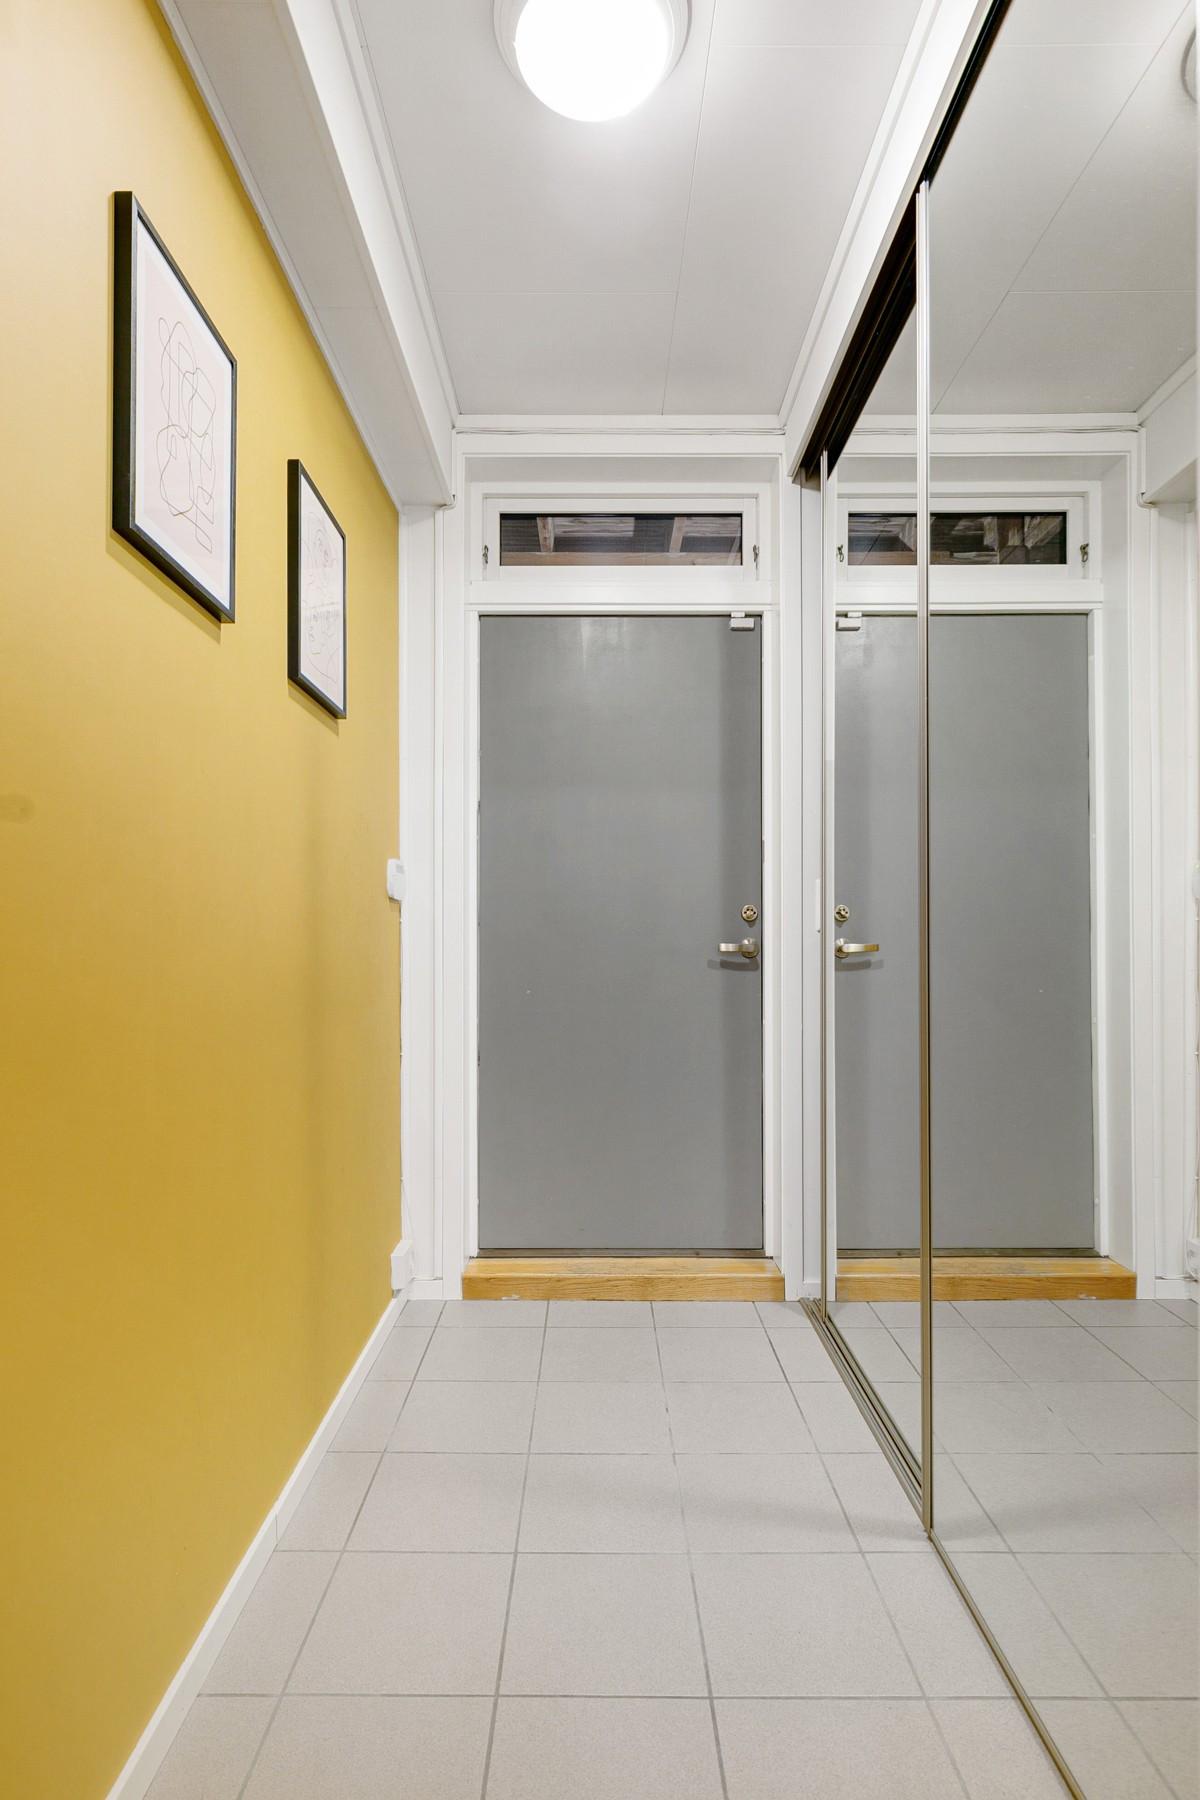 Vindfanget er flislagt med gulvvarme og har bred speilglassgarderobe med god plass til lagring